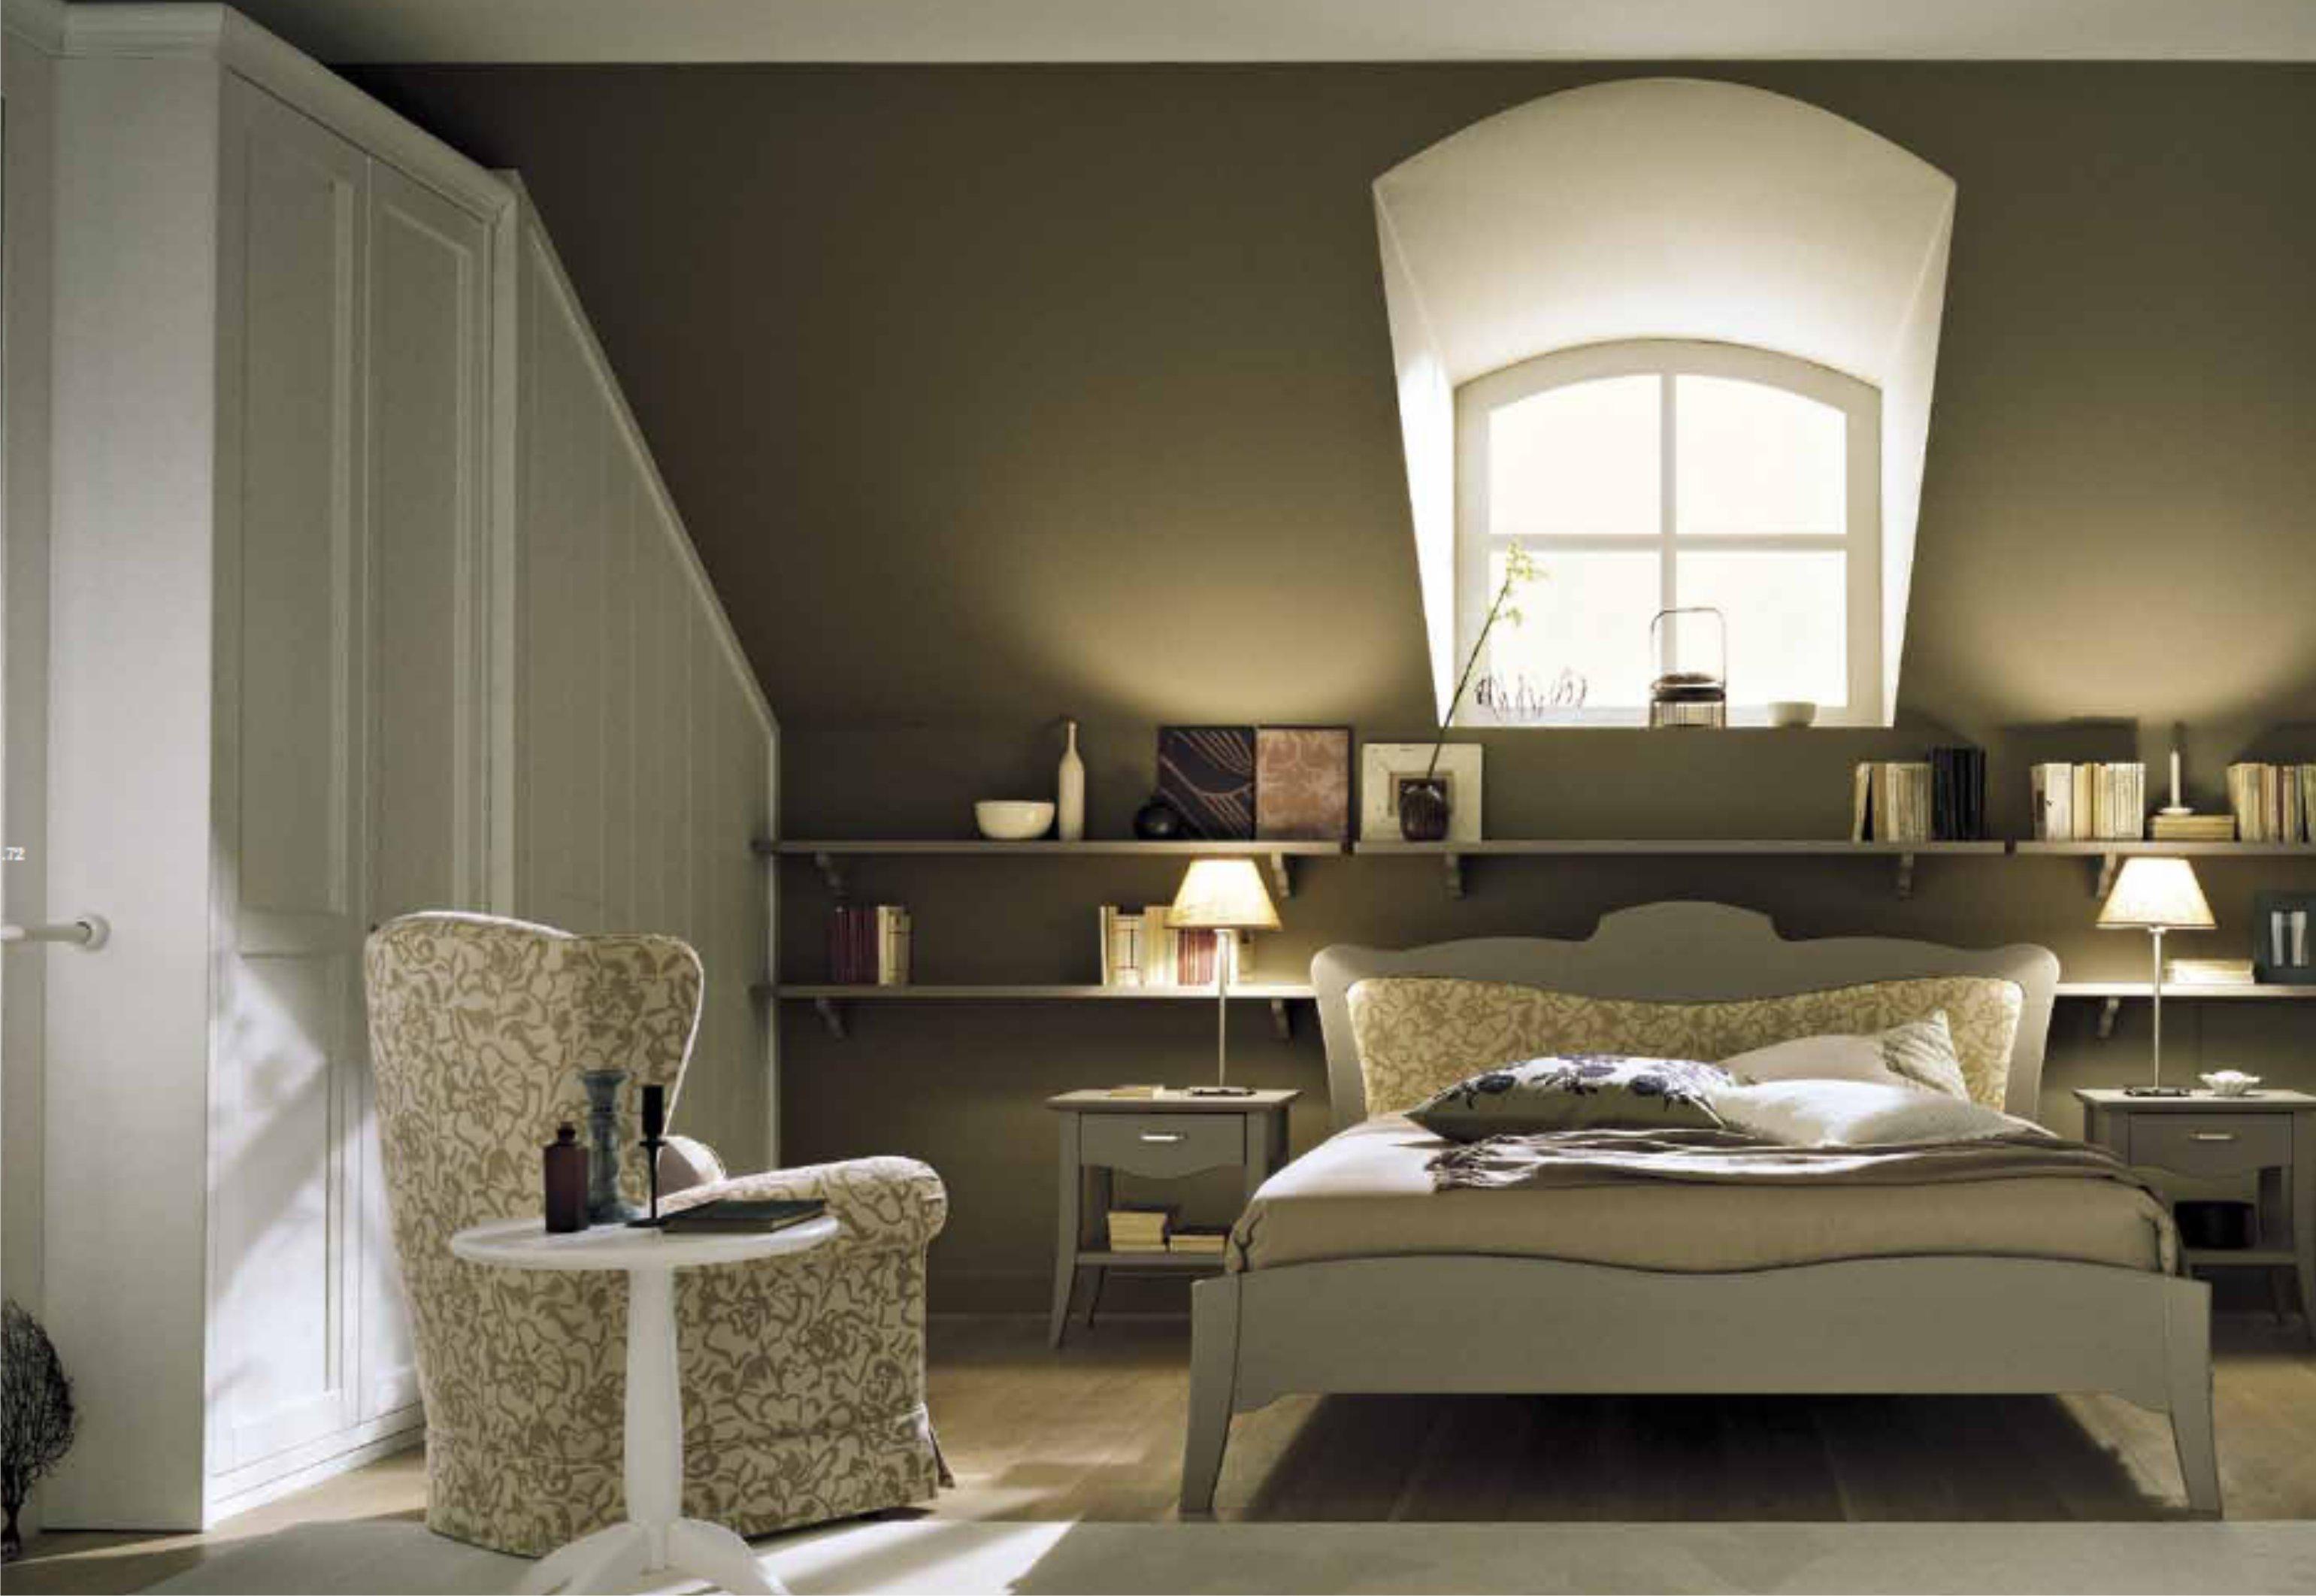 Prezzi Camere Da Letto Matrimoniali Complete : Camera da letto matrimoniale in mansarda